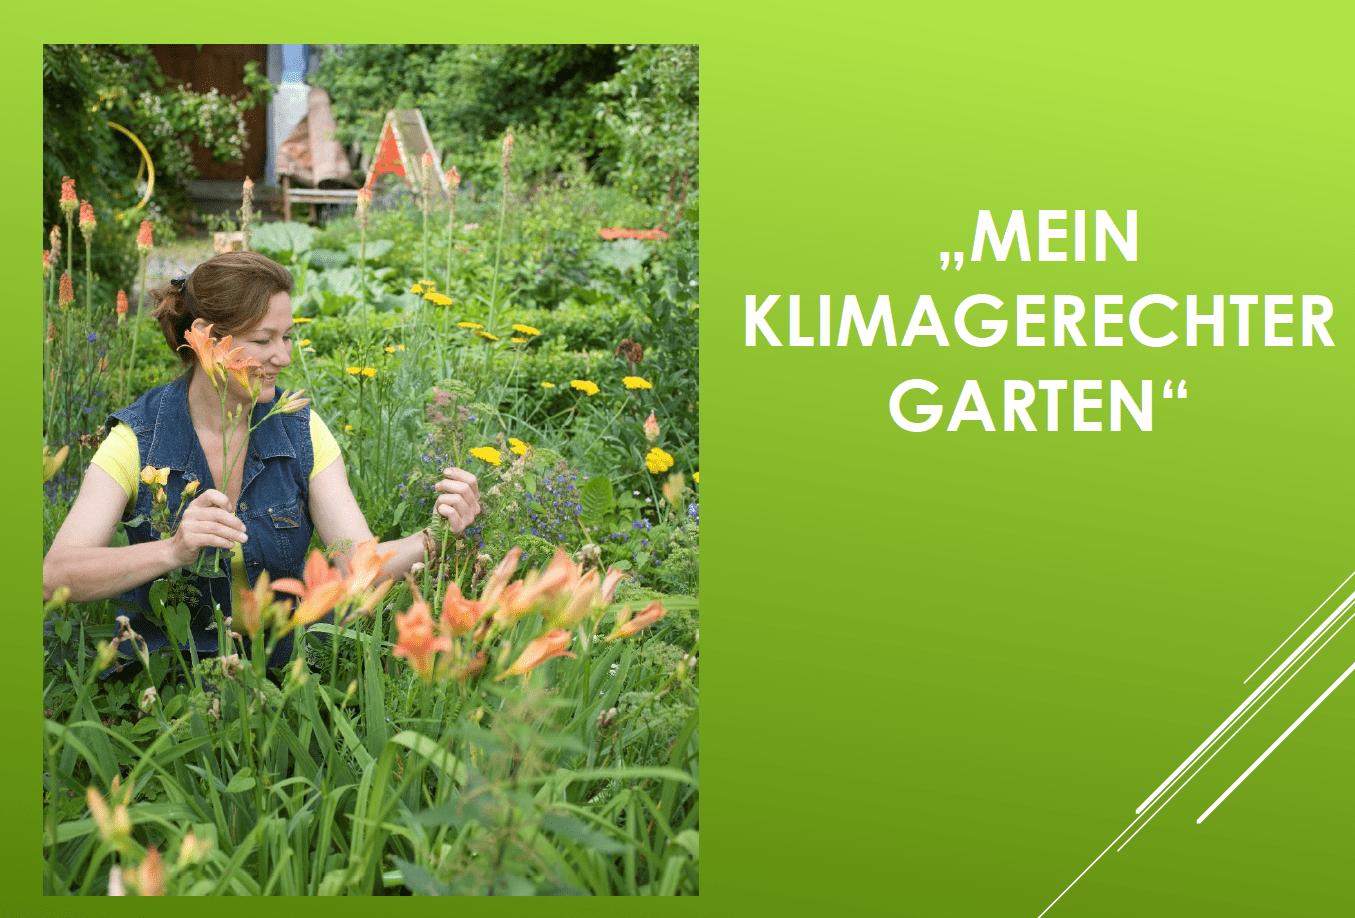 Mein klimagerechter Garten – Videovortrag mit Heike Boomgaarden